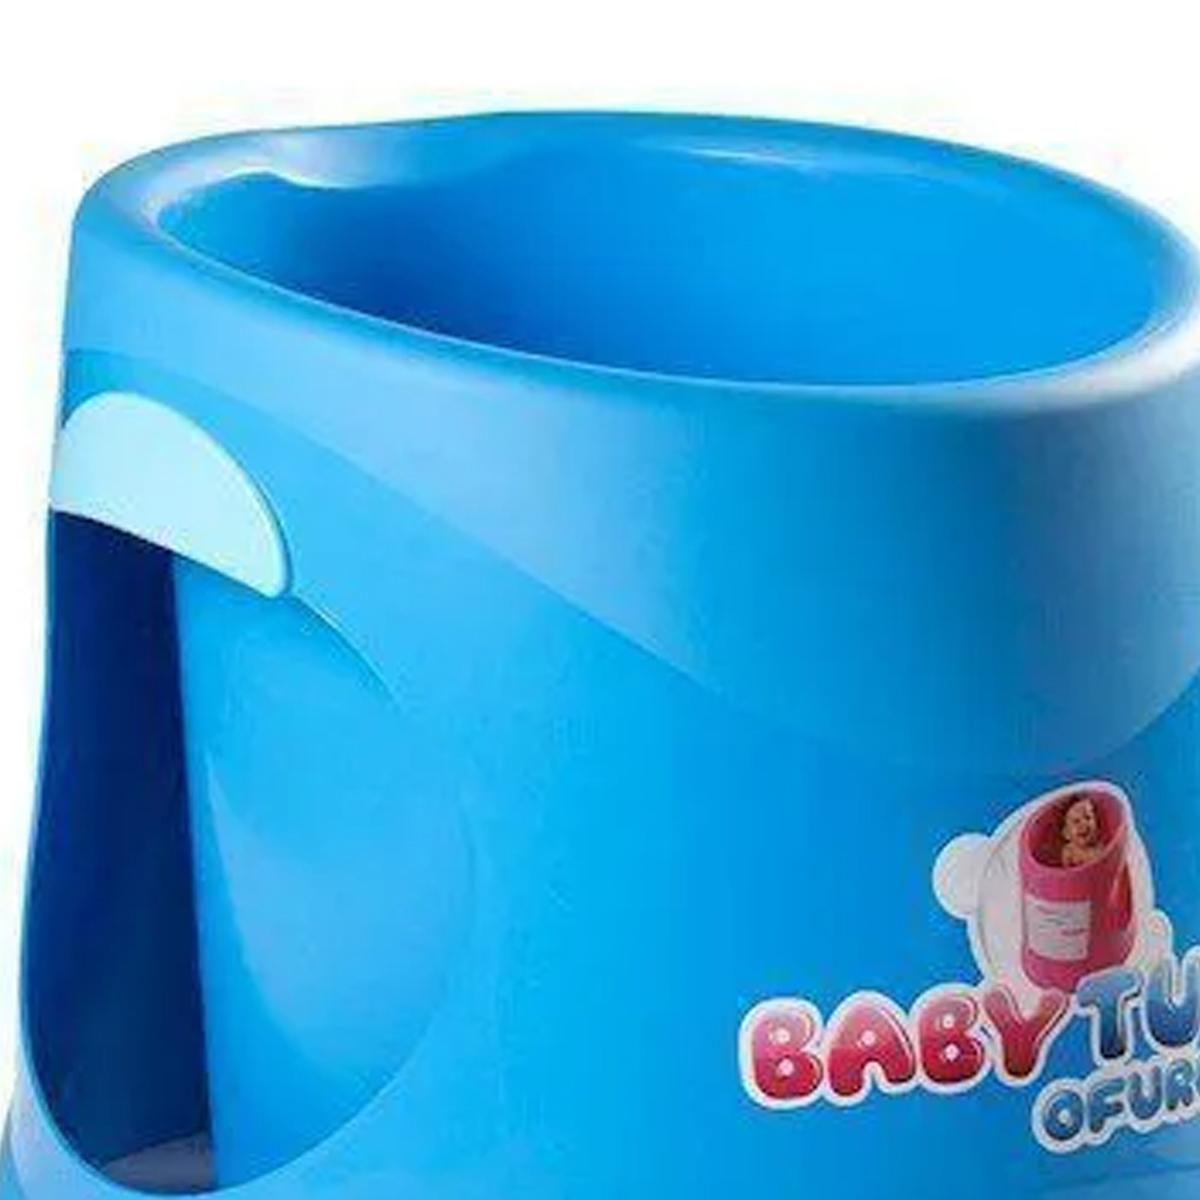 Banheira BabyTub Ofurô Azul BBT054 de 1 Até 6 Anos